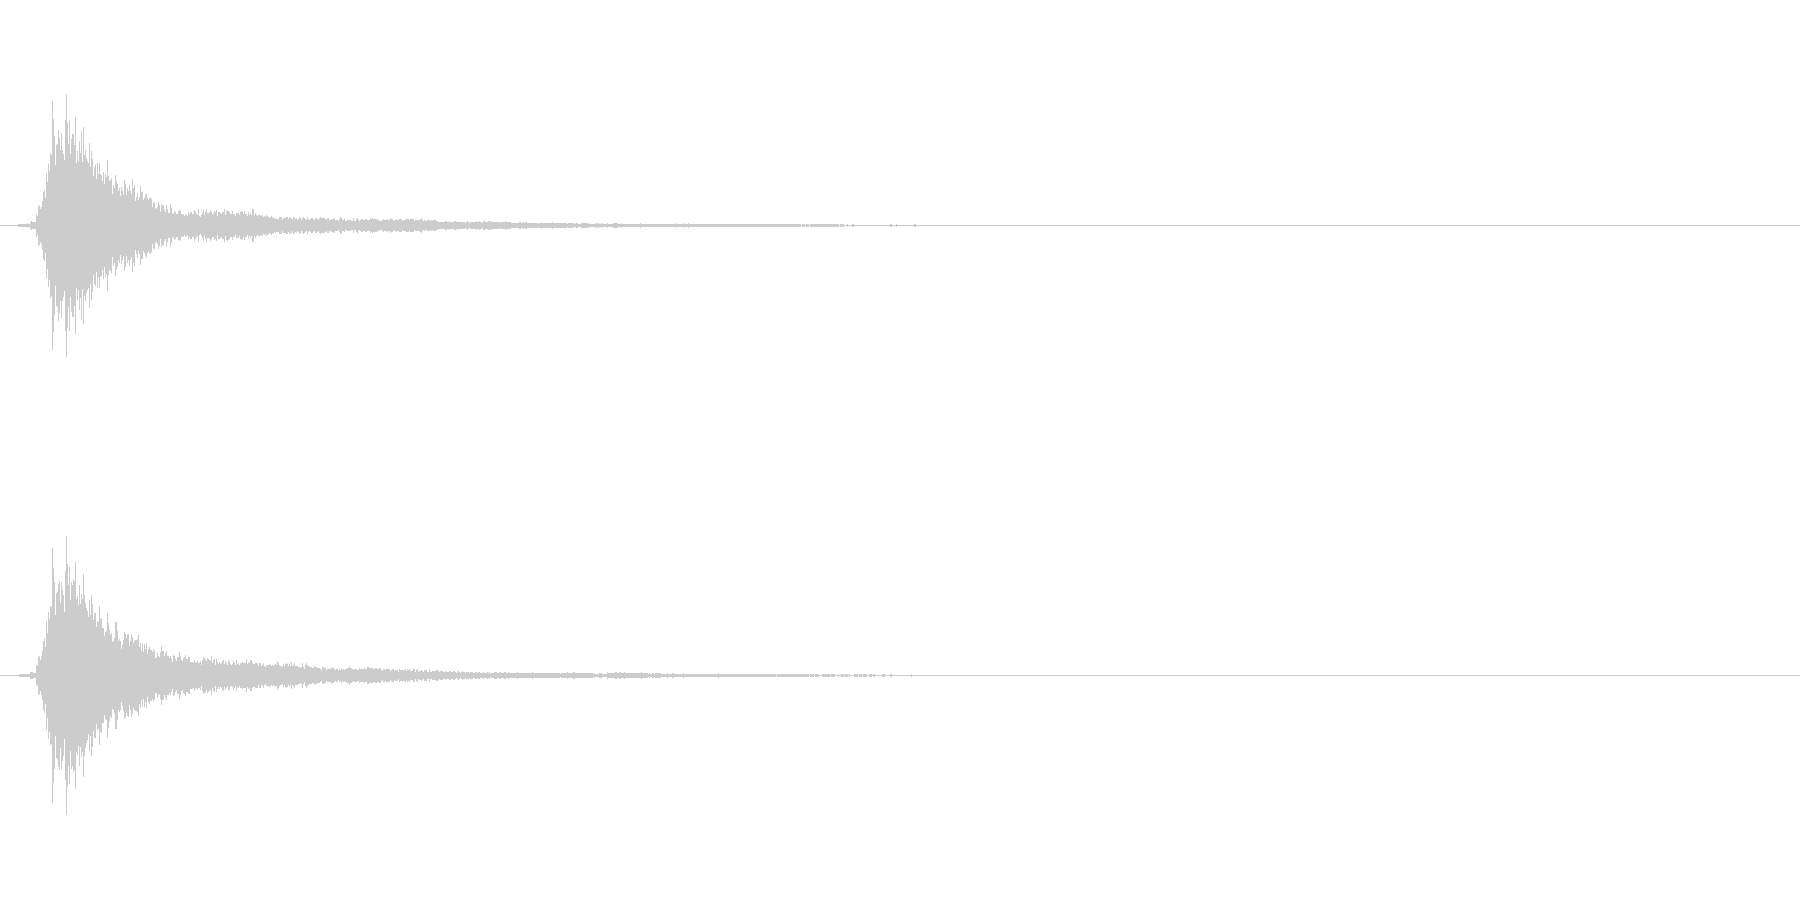 サウンドロゴ(企業ロゴ)_011の未再生の波形